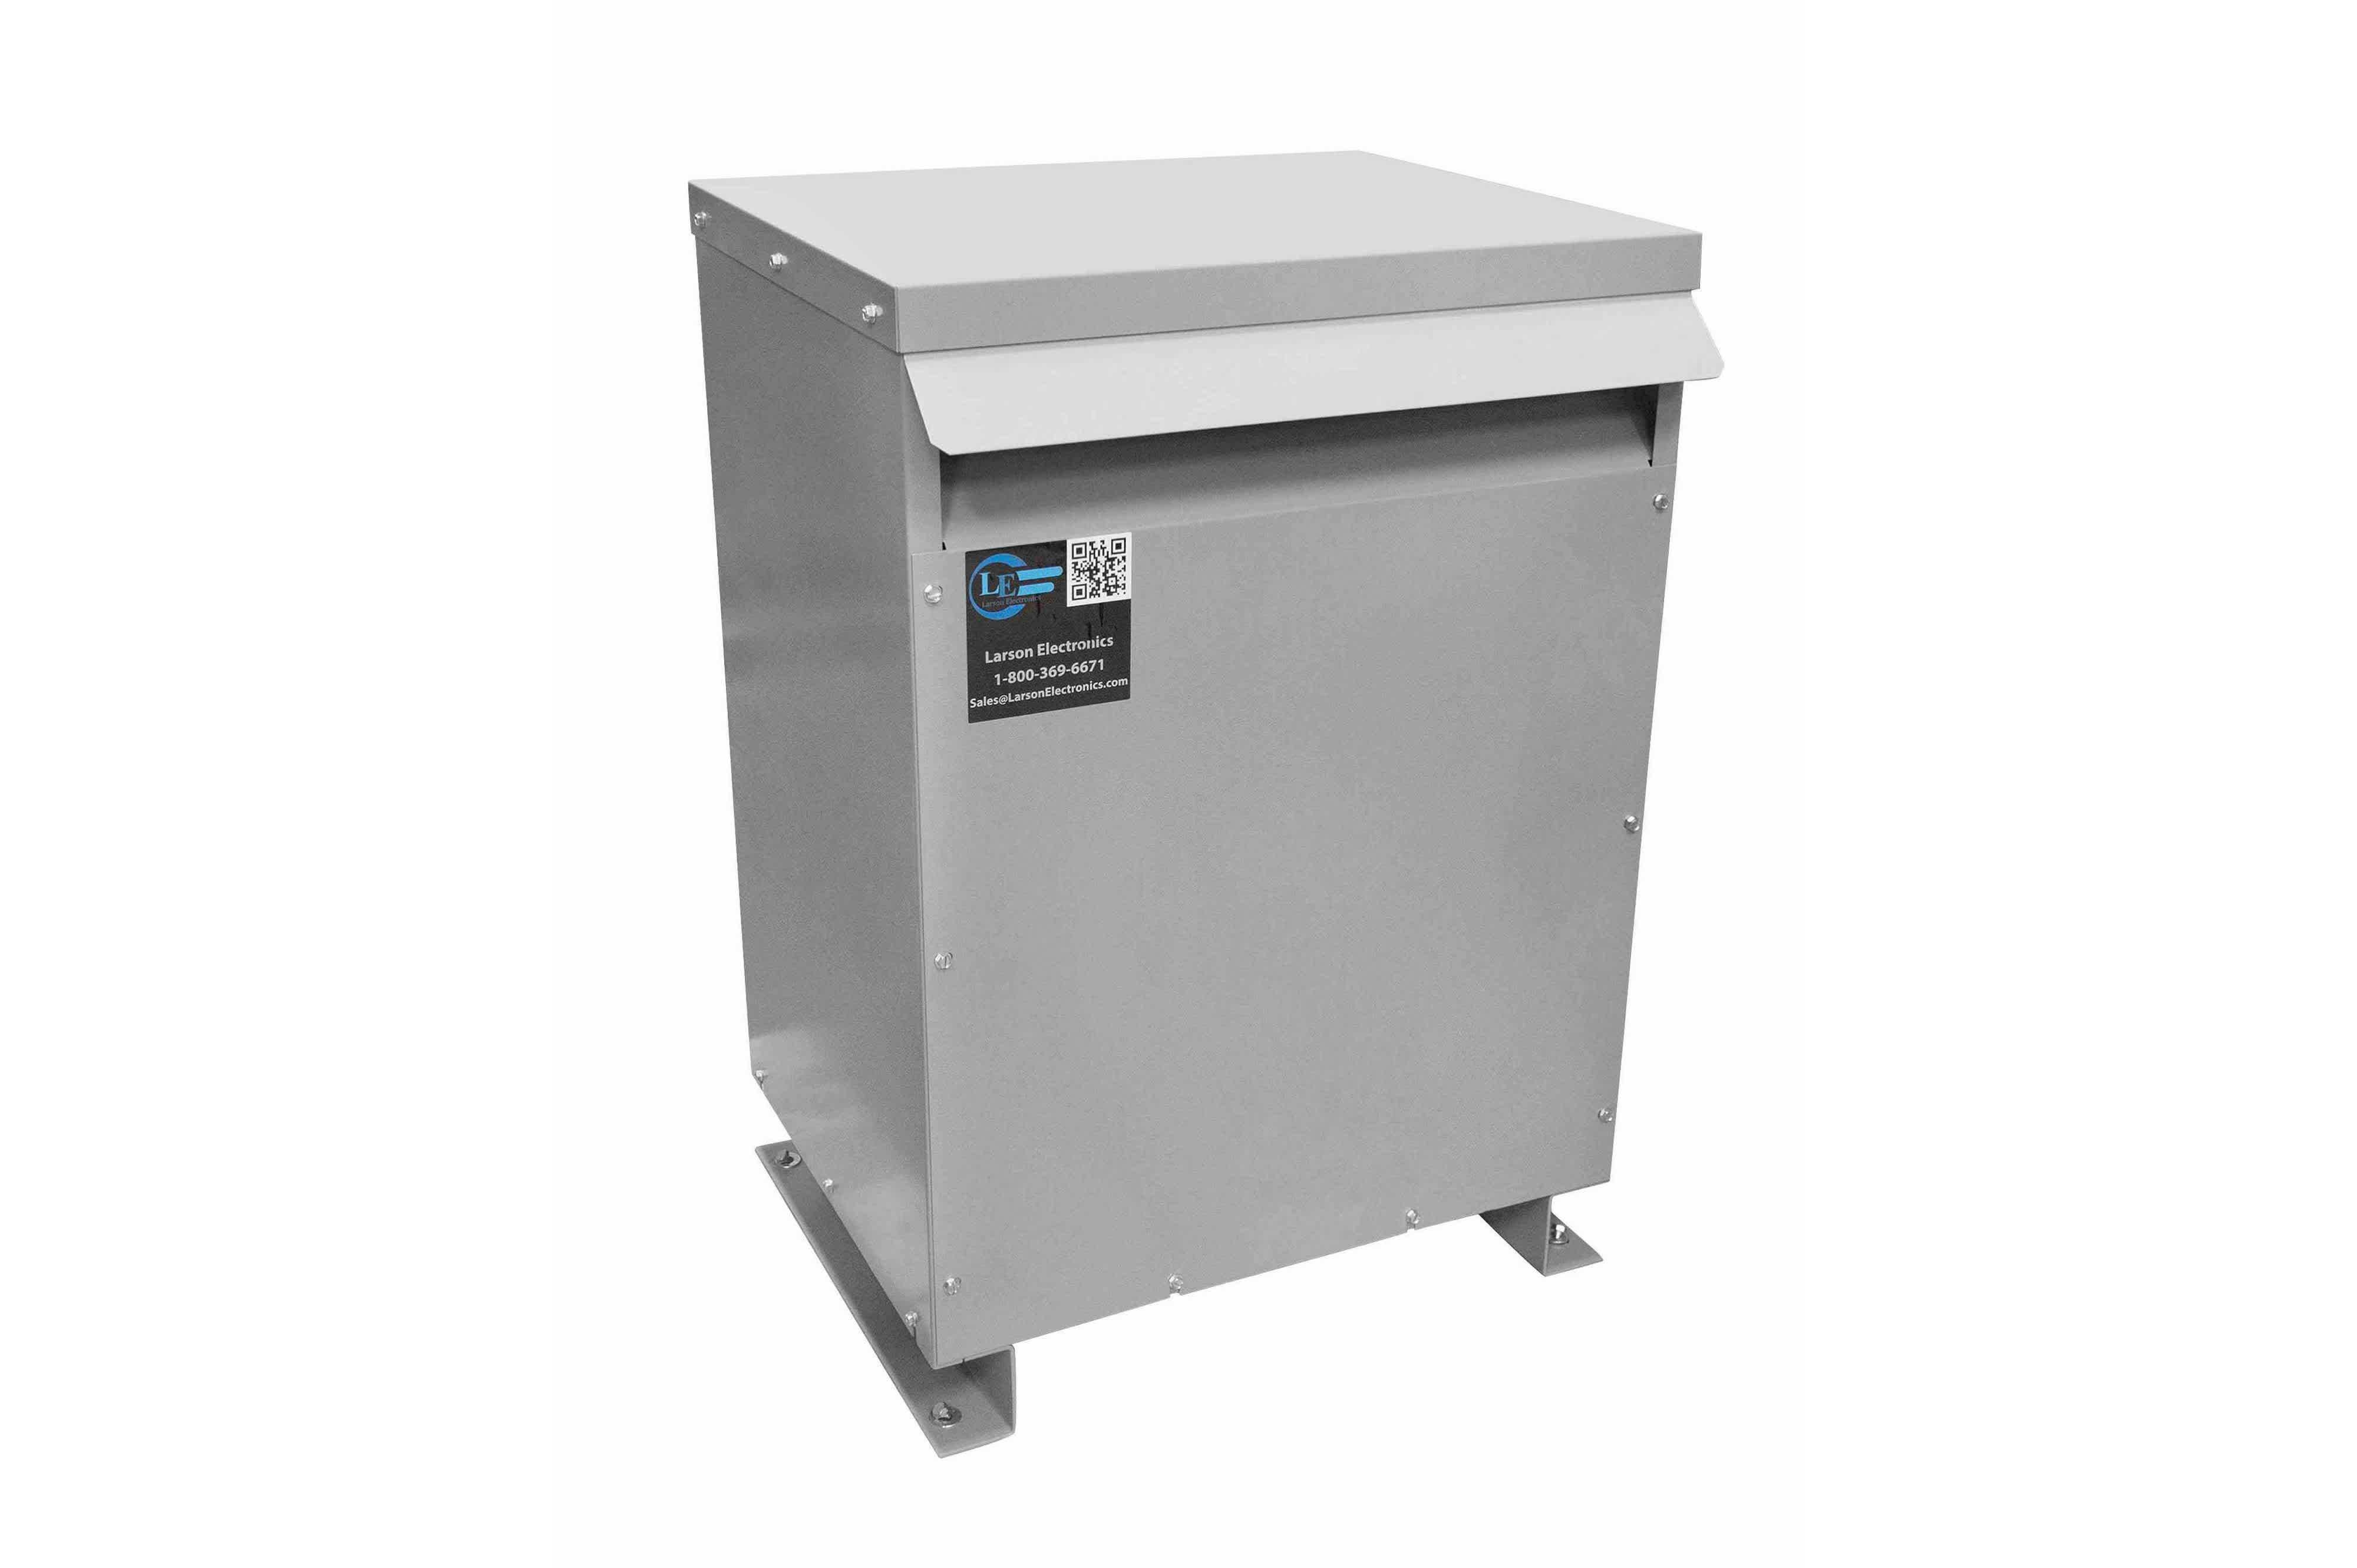 52.5 kVA 3PH Isolation Transformer, 400V Delta Primary, 600V Delta Secondary, N3R, Ventilated, 60 Hz